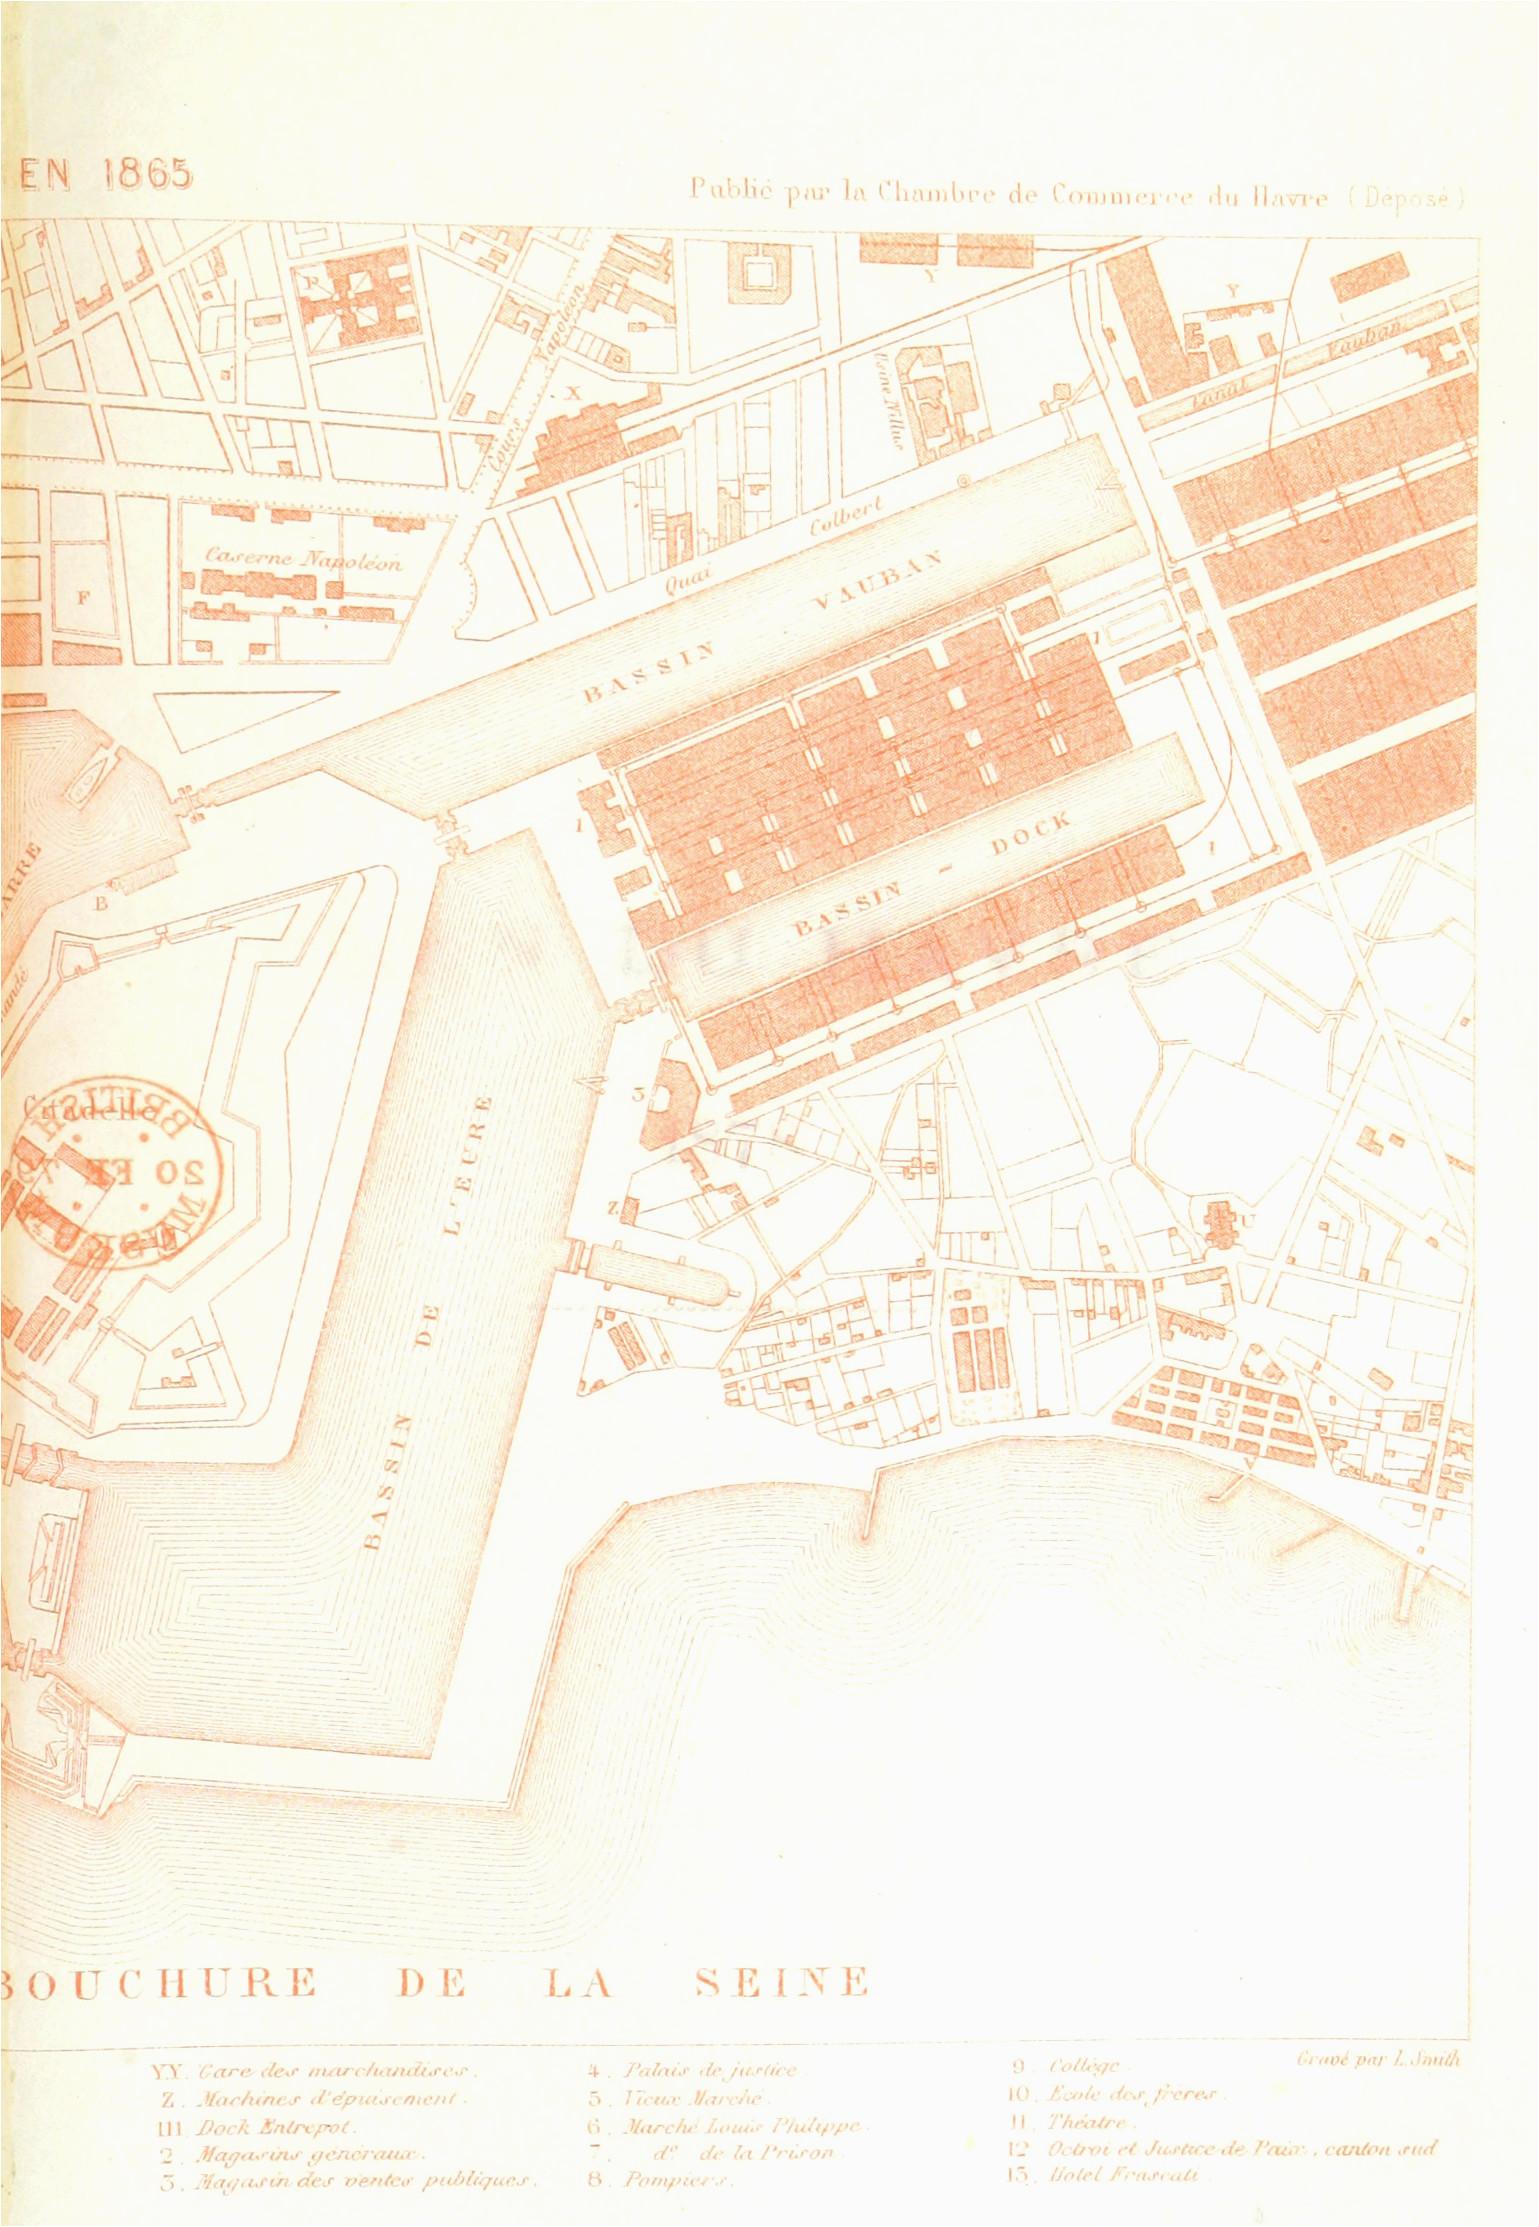 file 117 of exposition universelle de 1878 chambre de